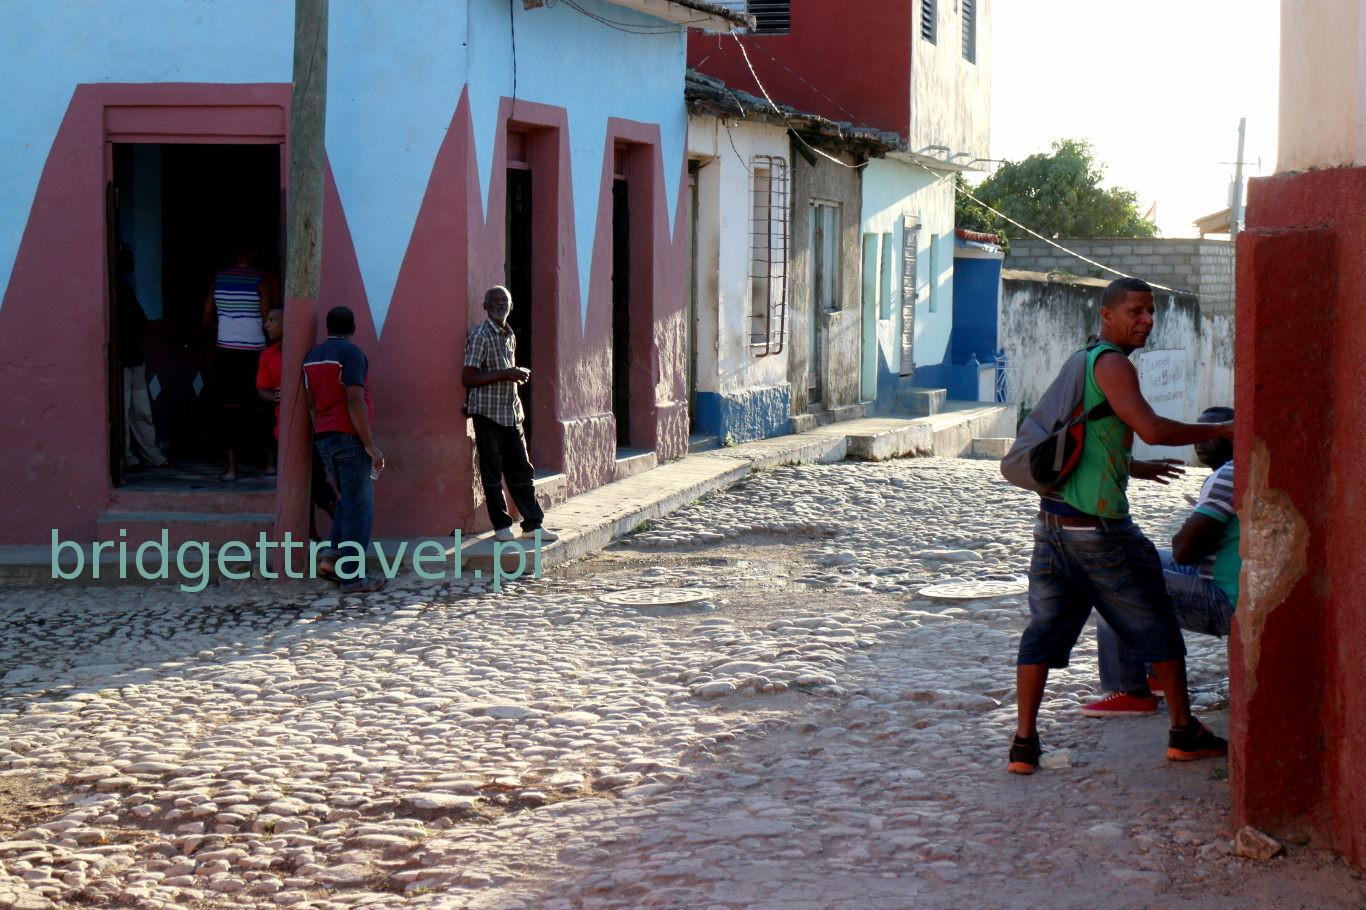 Kuba, kolaż; 3 powody dlaczego powinieneś pojechać na Kubę